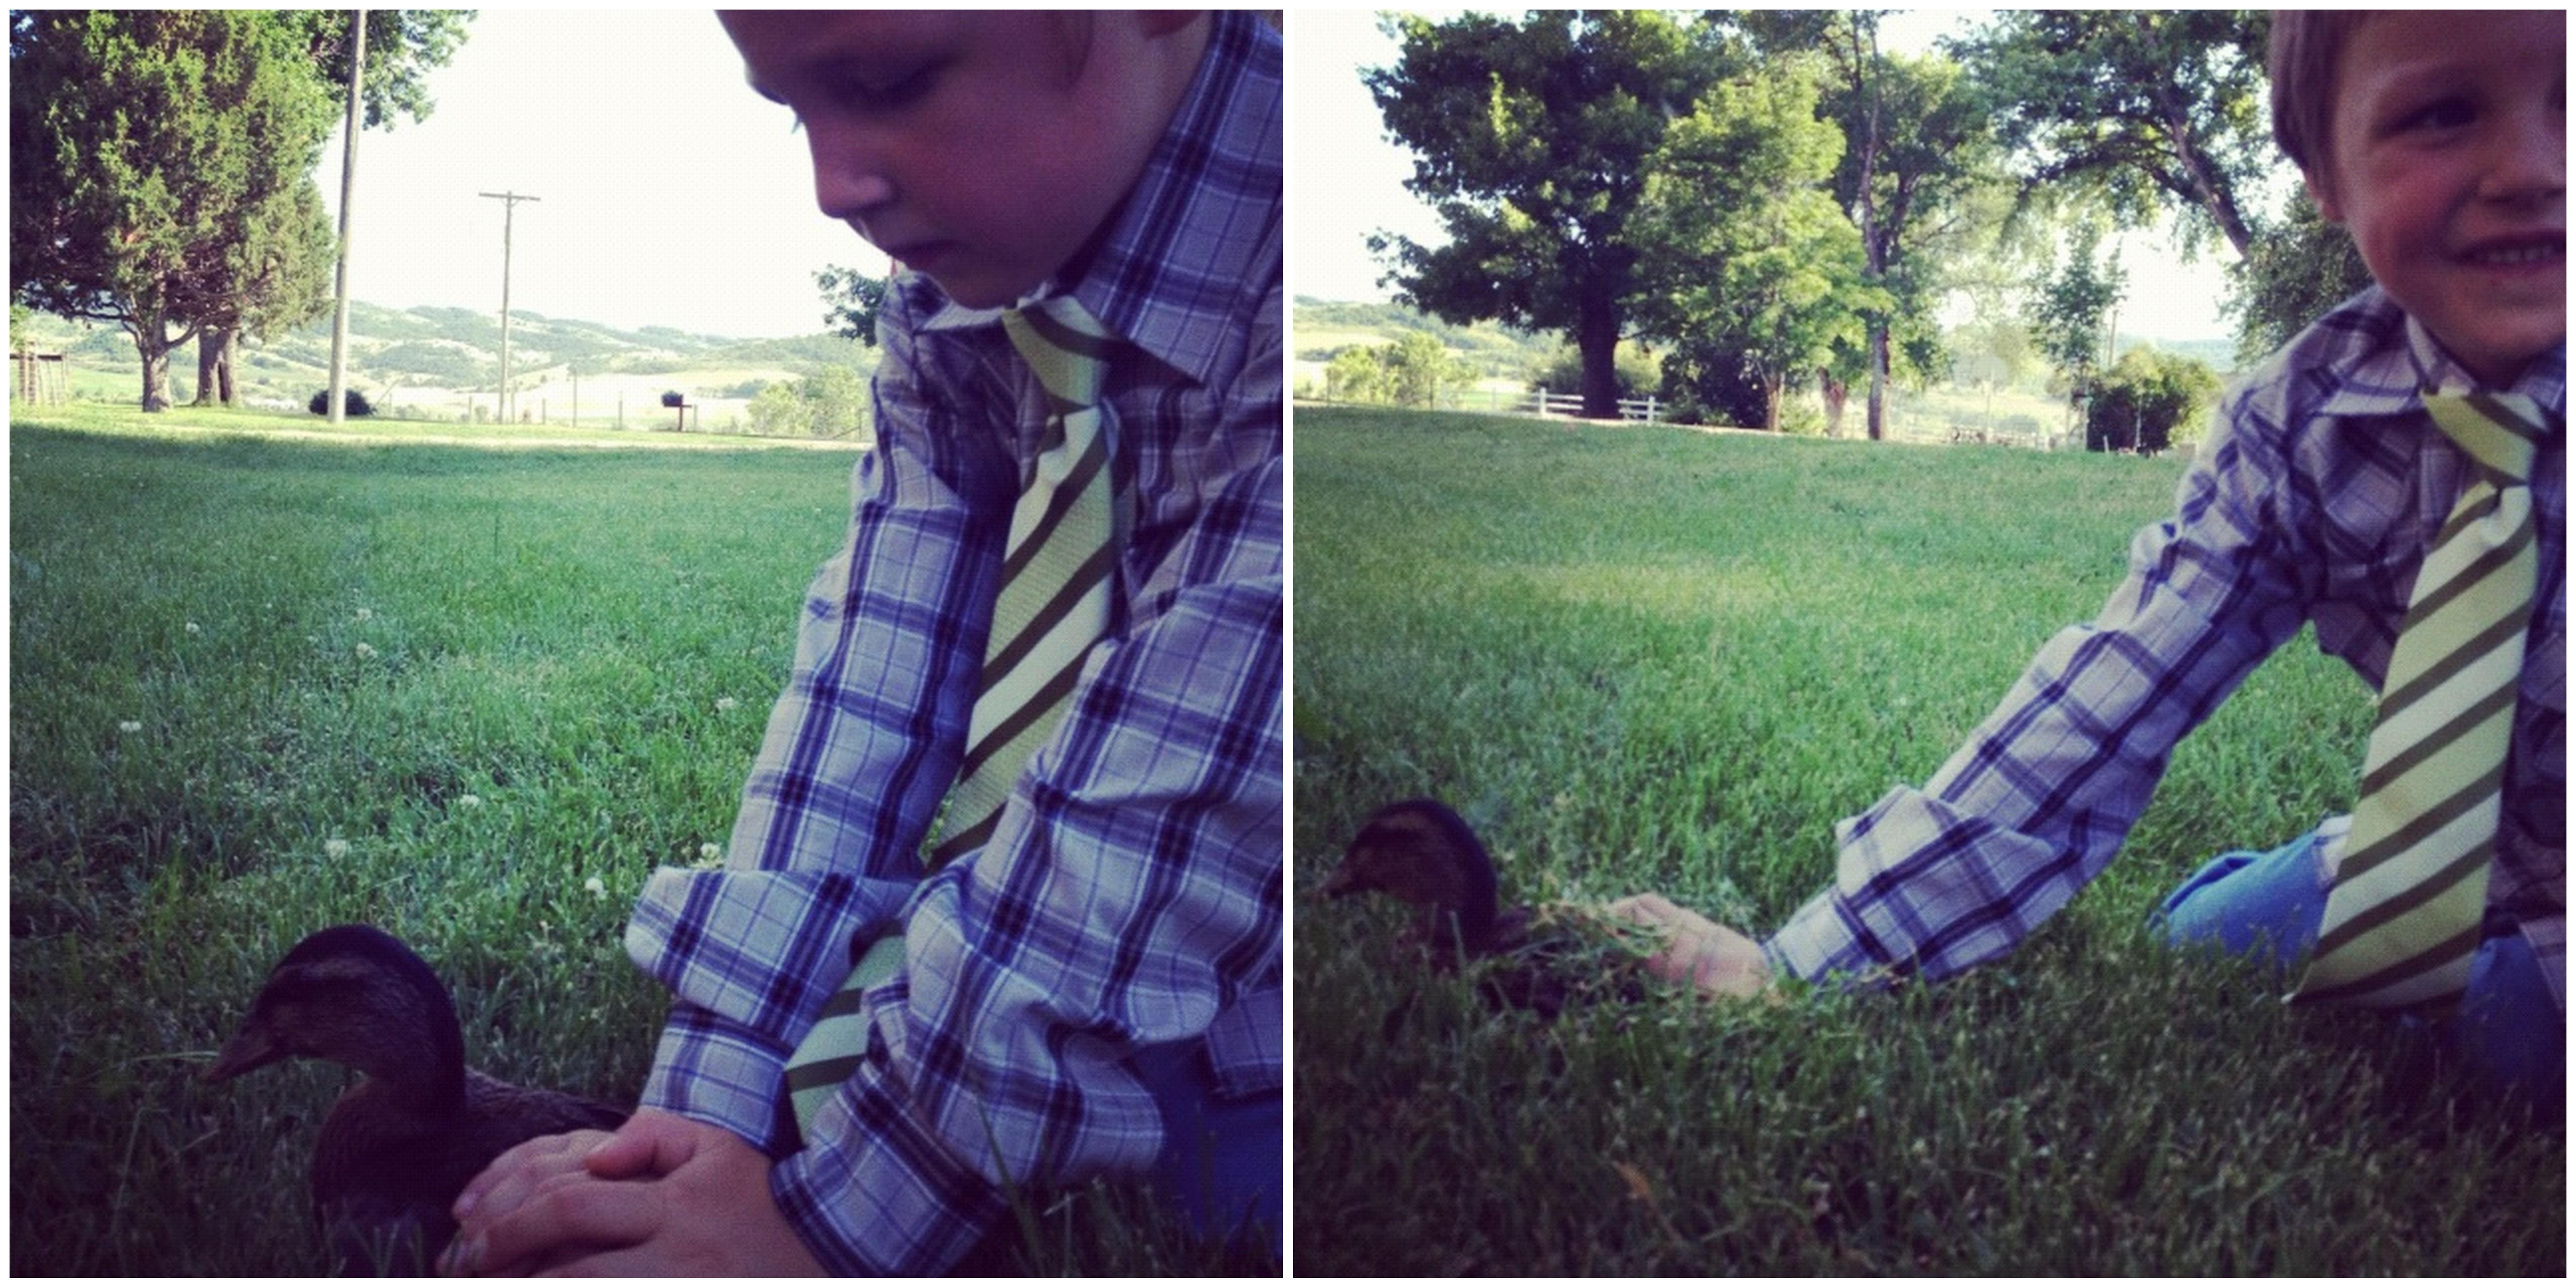 little kids chasing ducks instagram